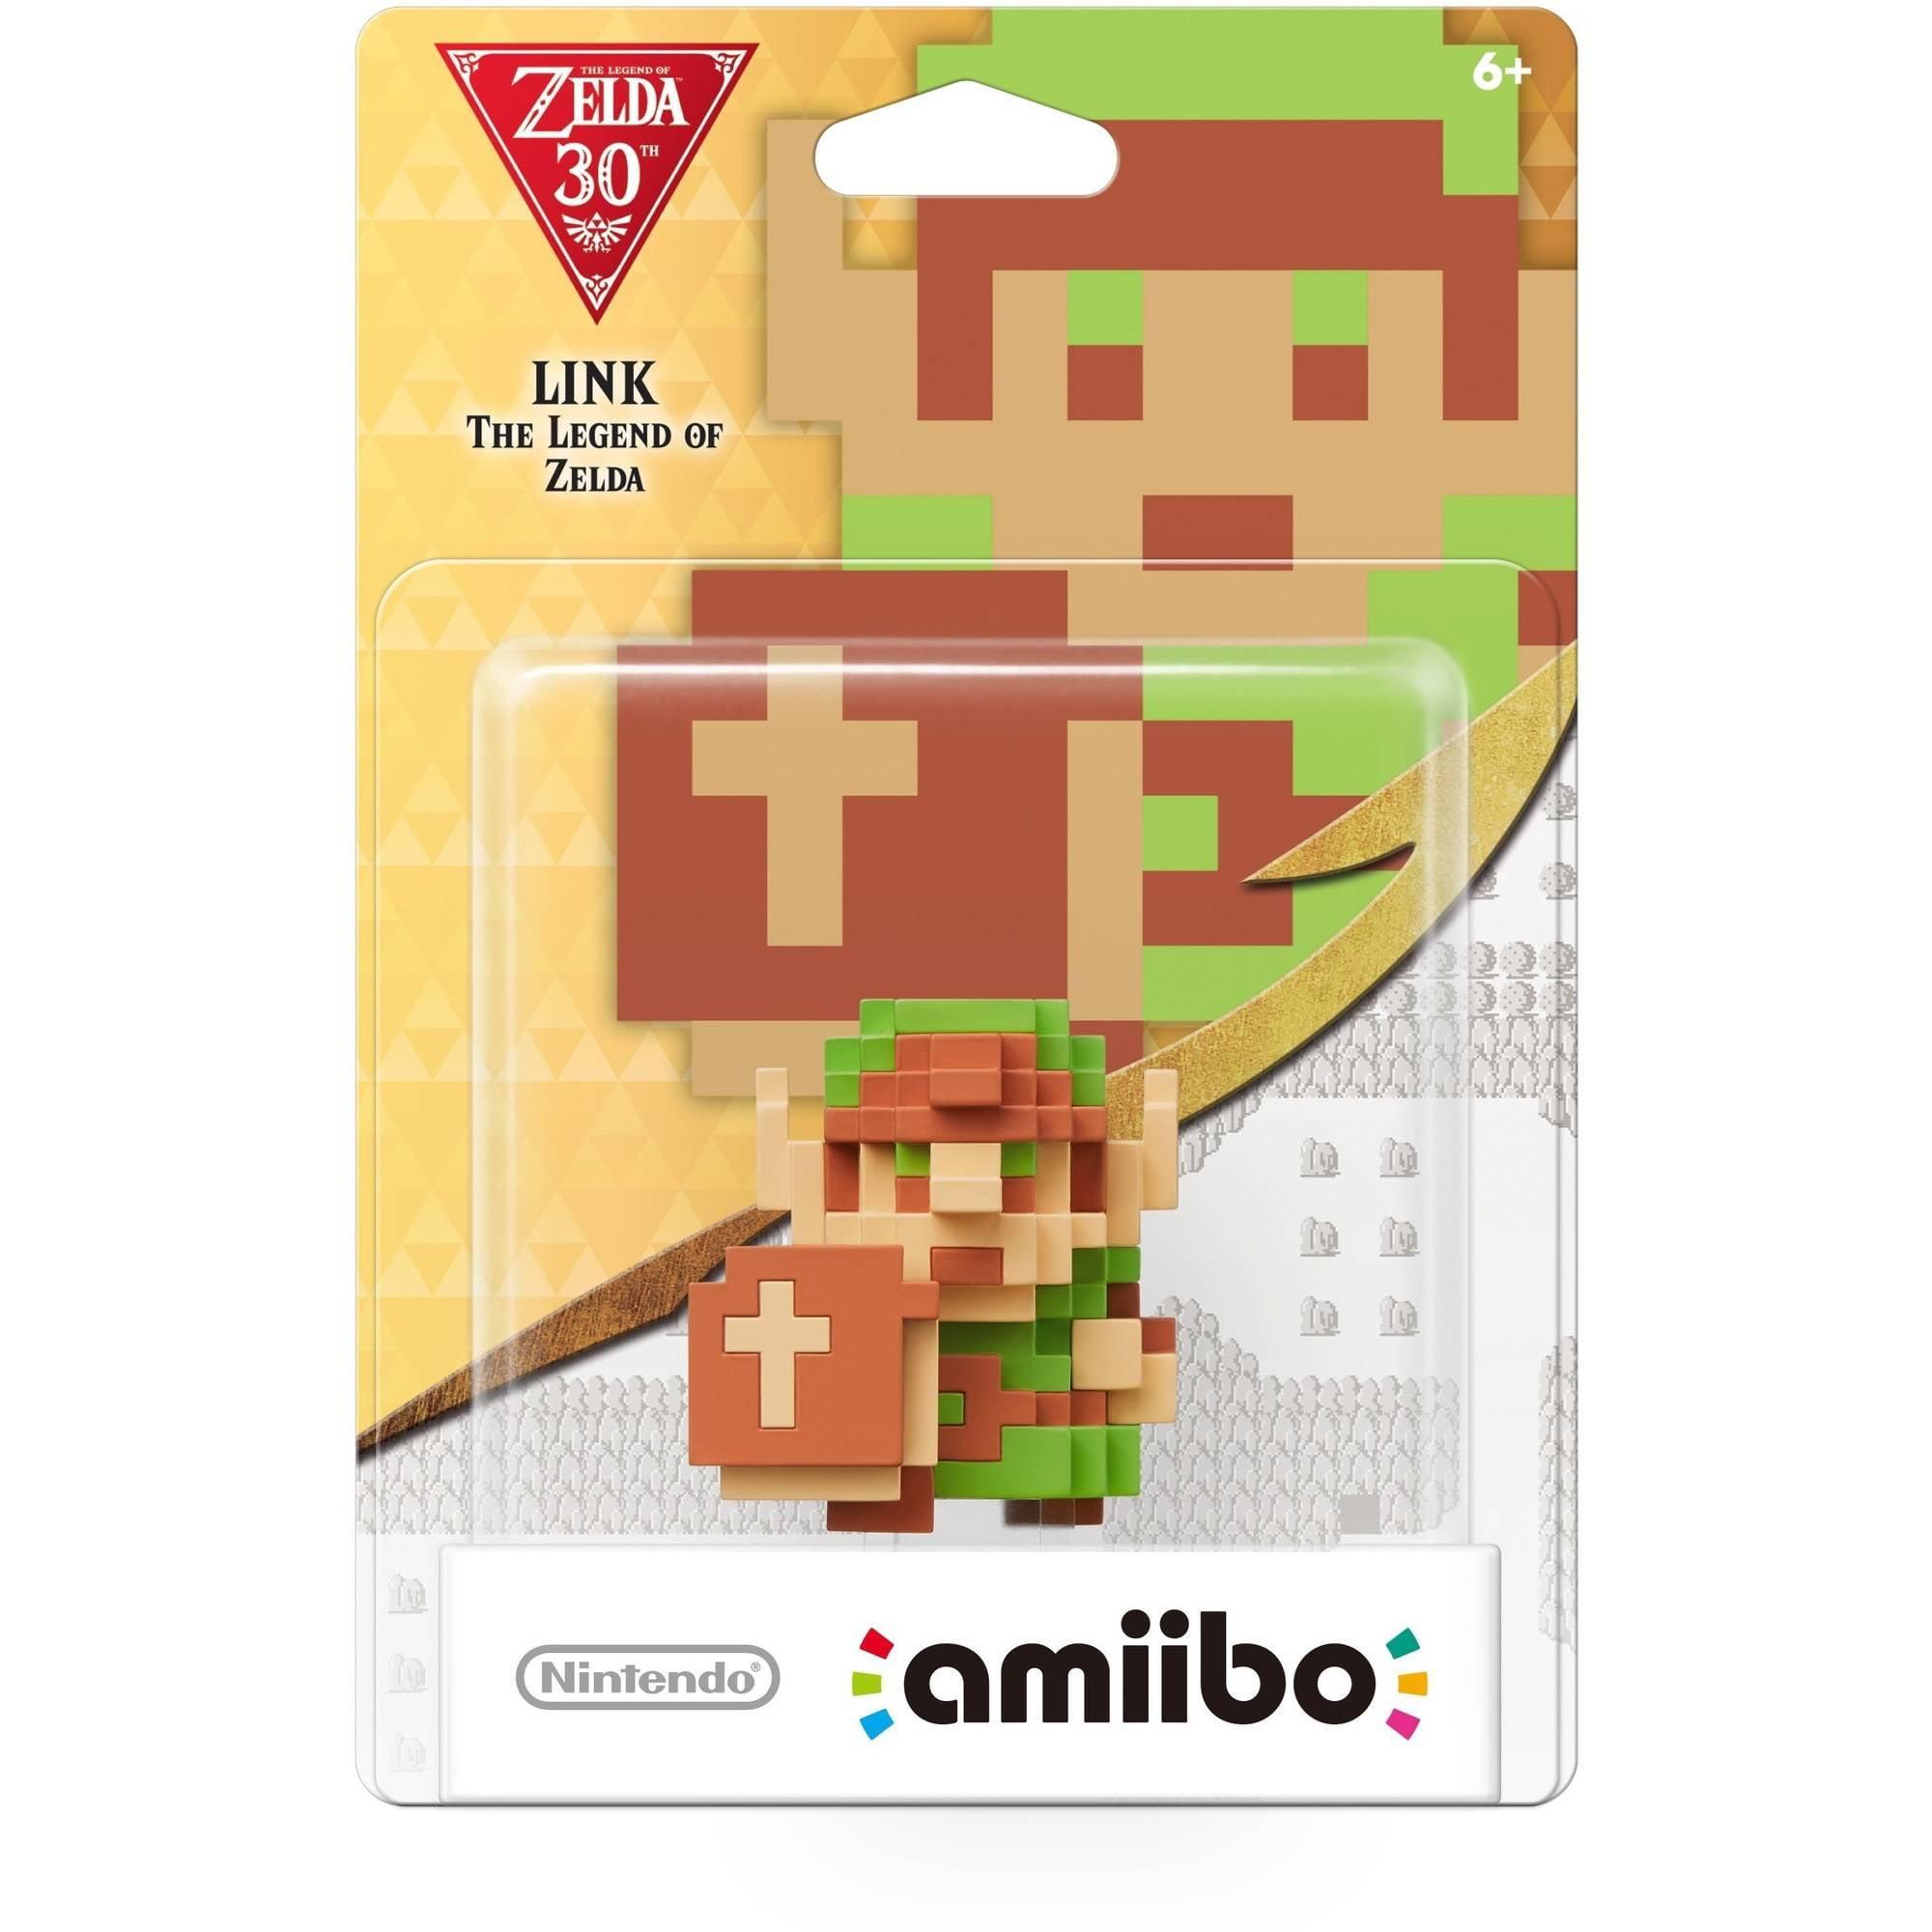 8-Bit Link, Zelda Series, Nintendo amiibo, NVLCAKAF